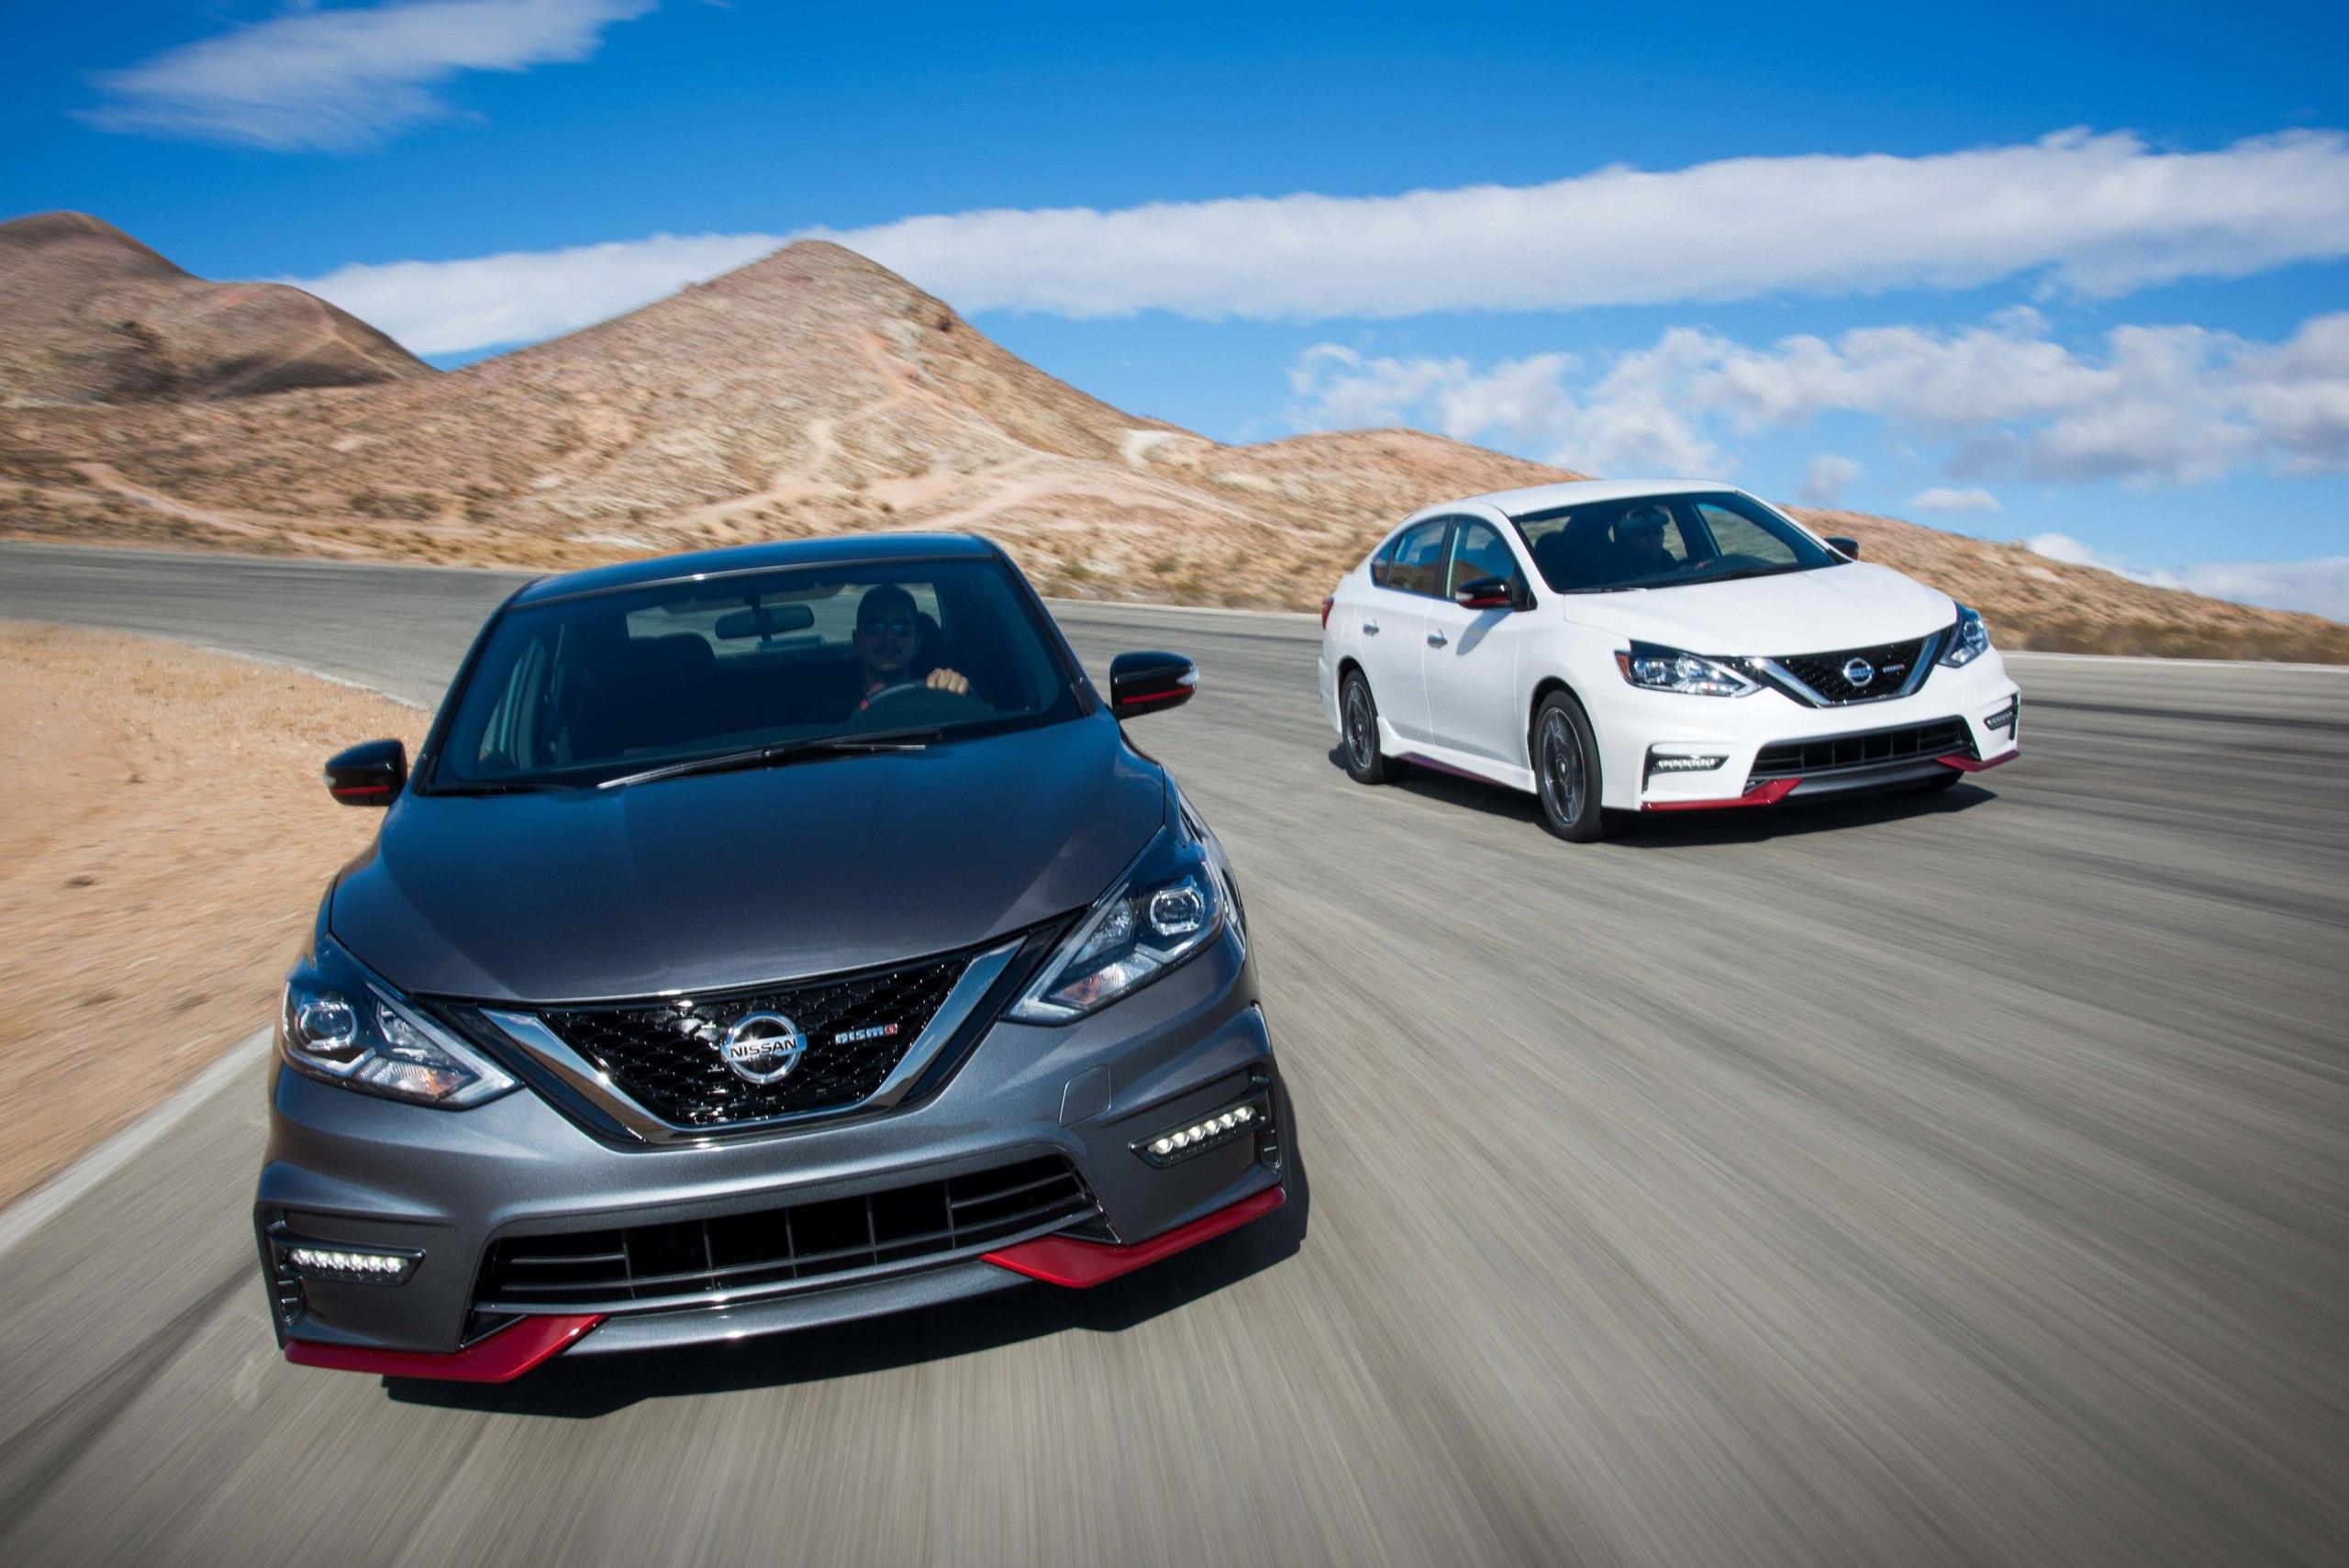 Nissan Sentra Nismo: четырёхдверный хотхэтч для Америки